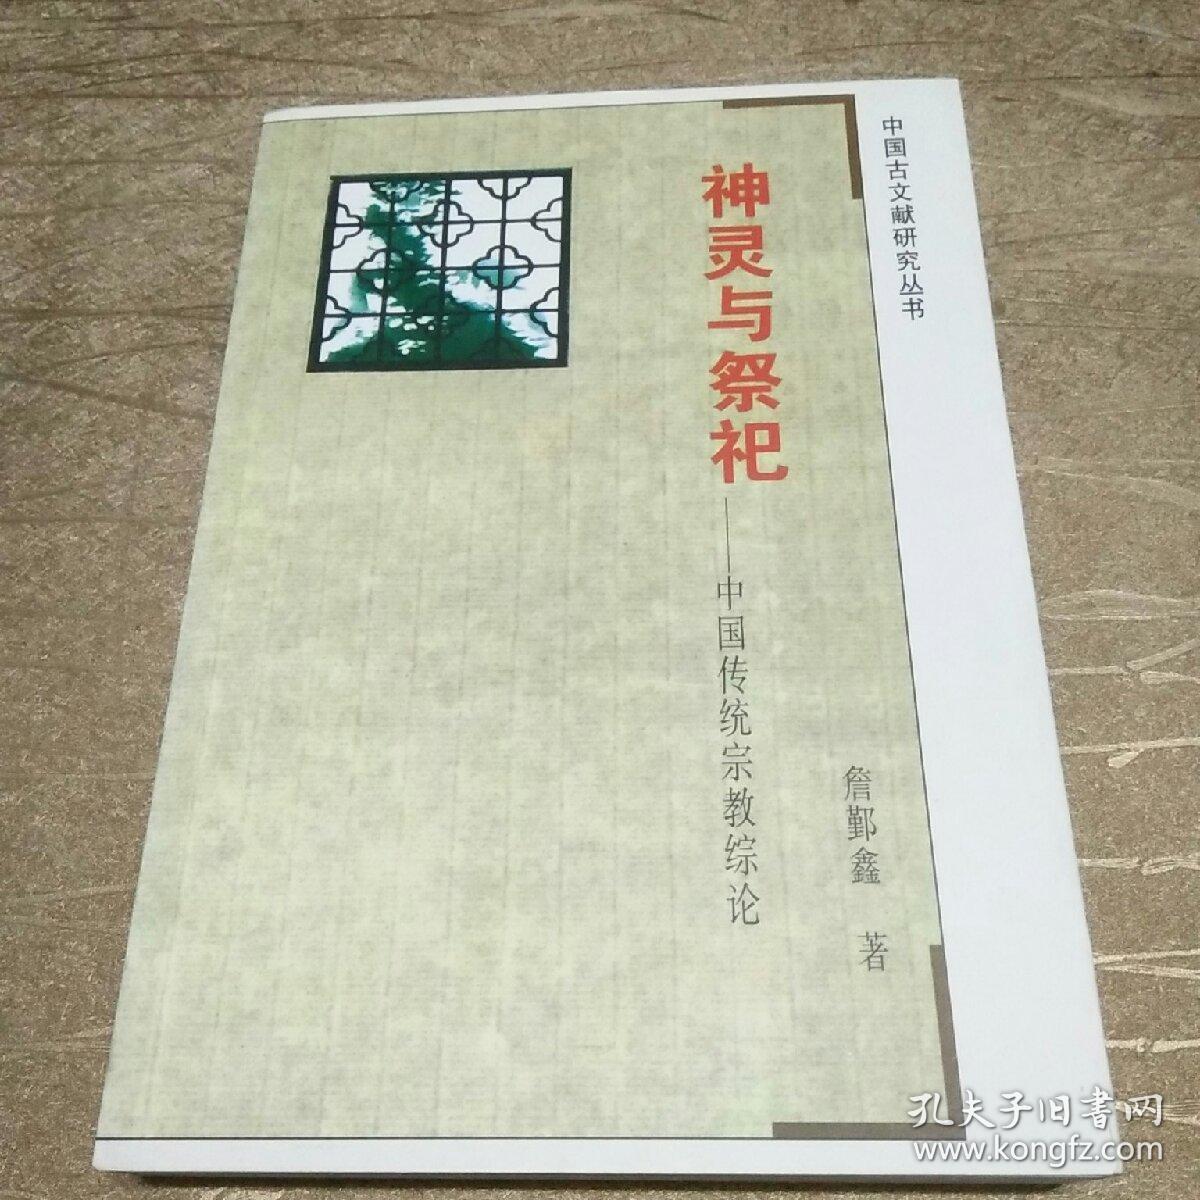 神灵与祭祀:中国传统宗教综论